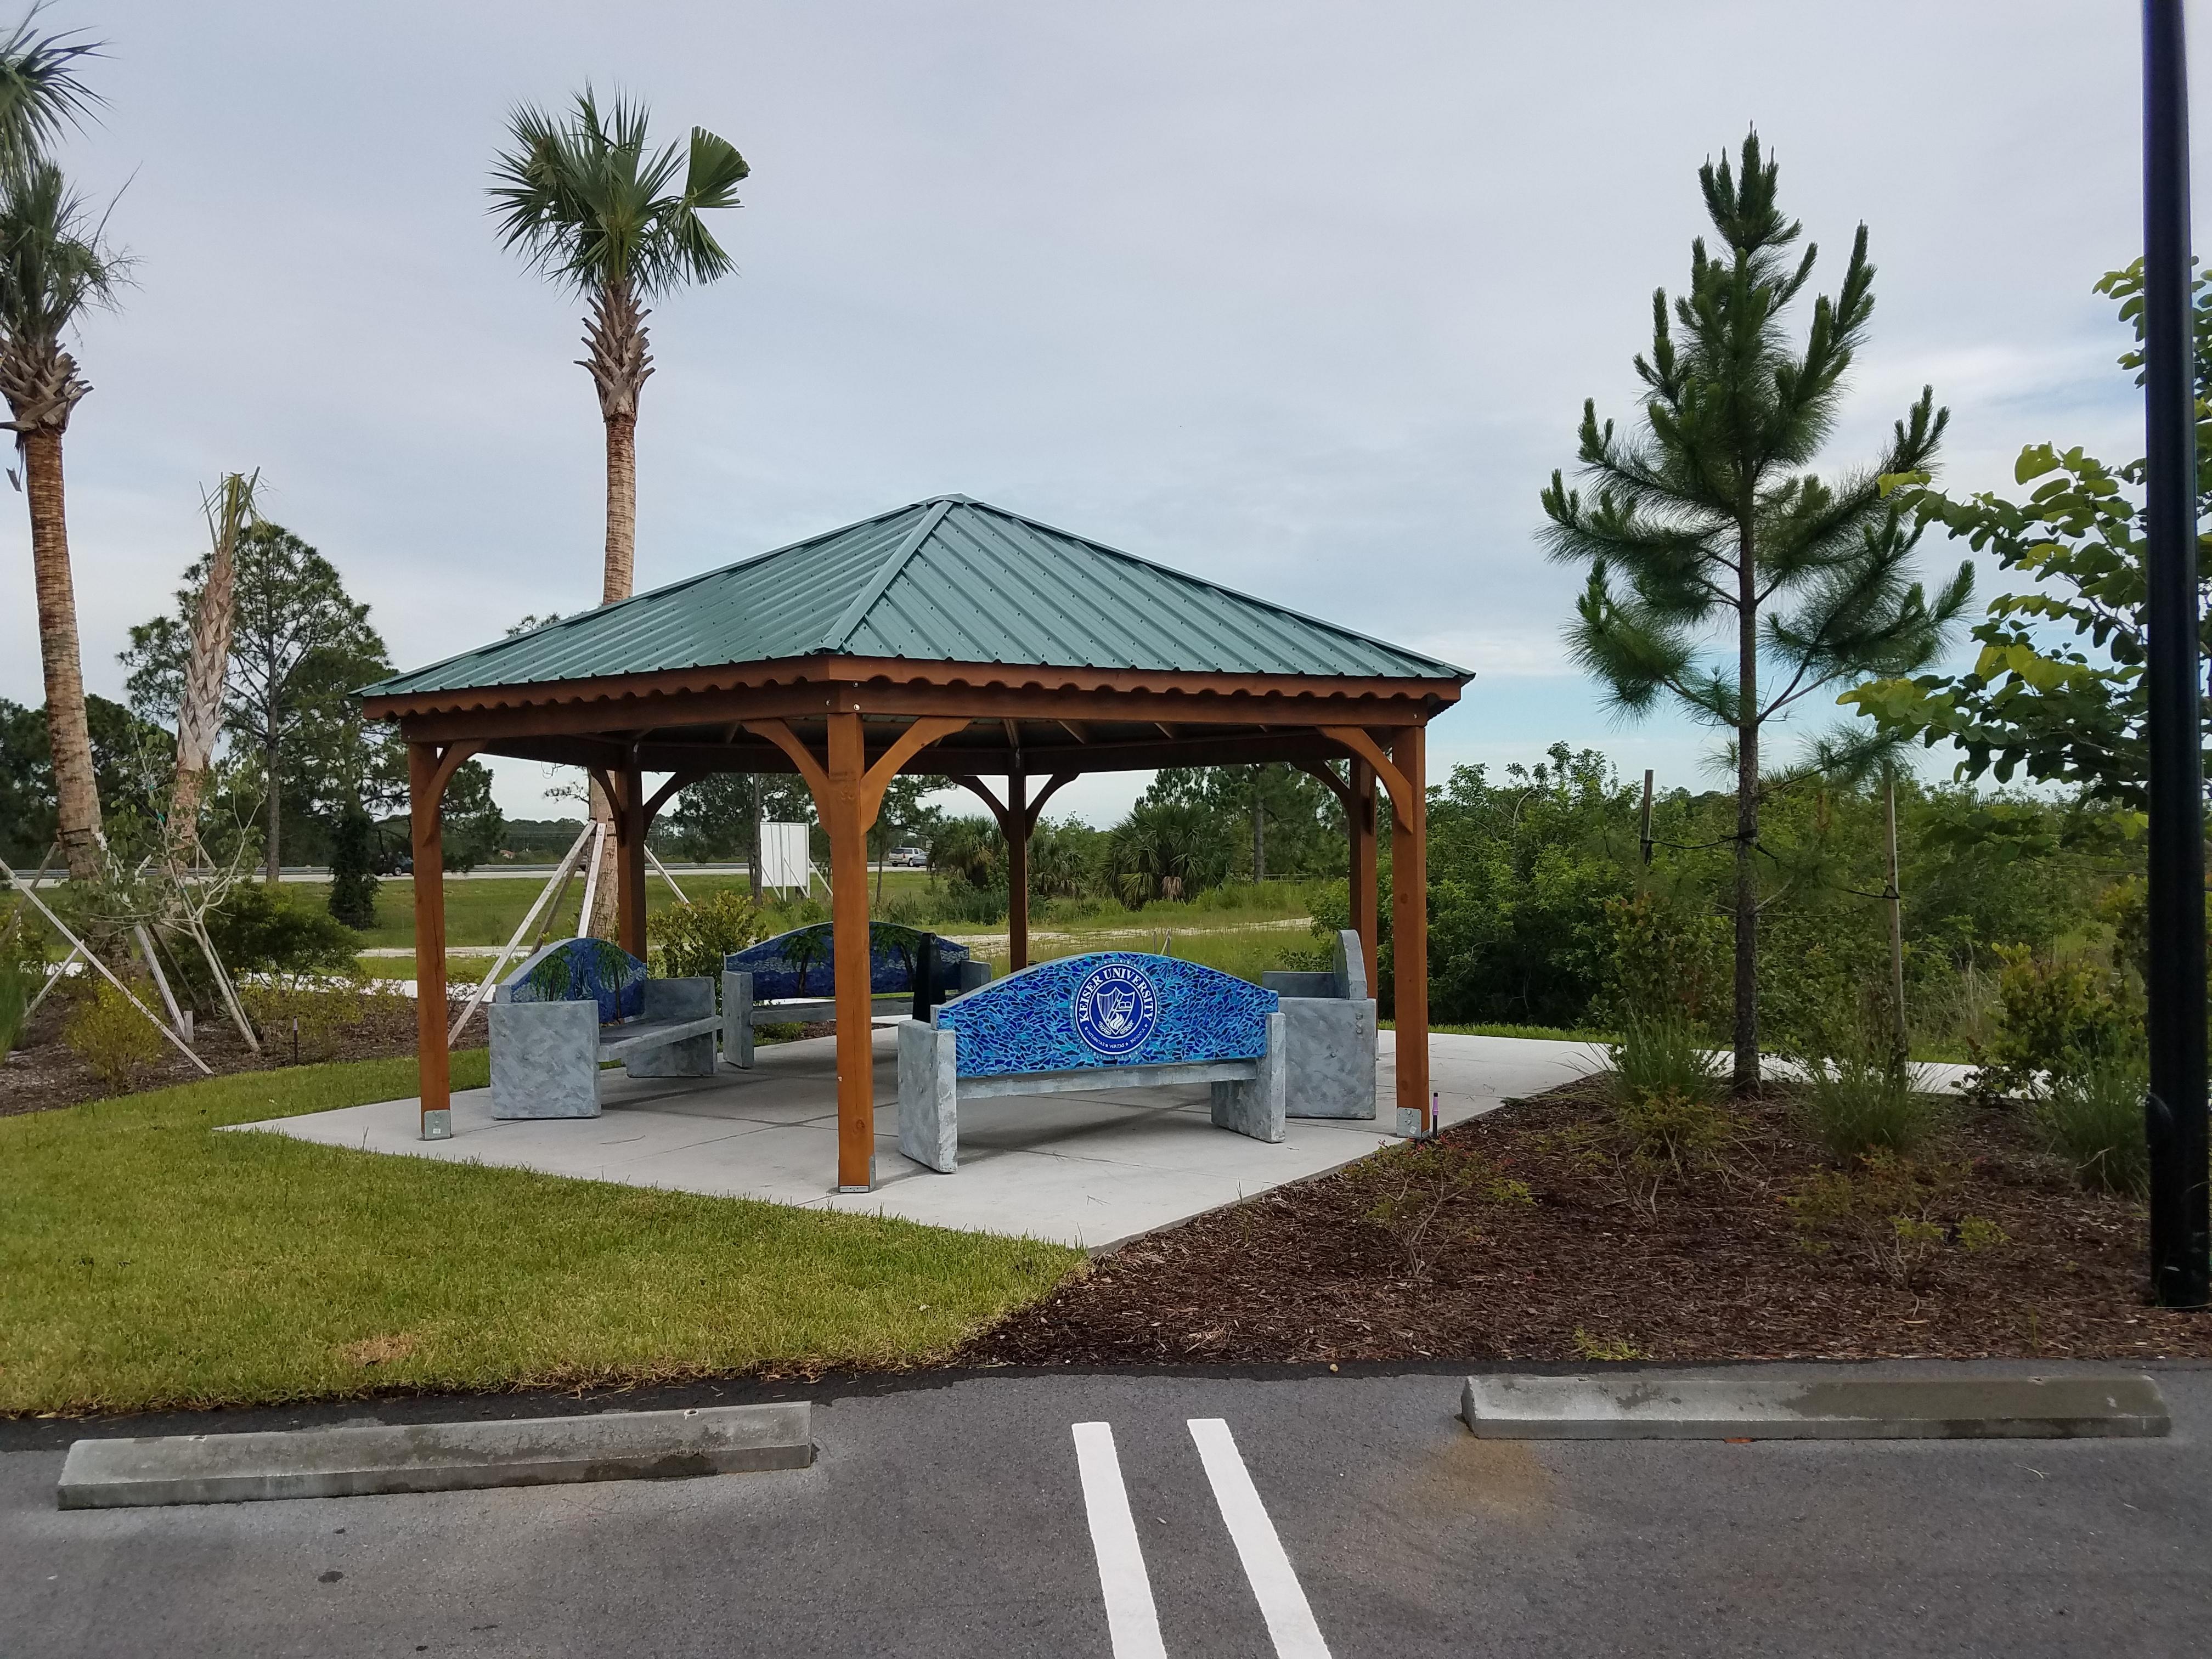 18x18 Hexagon Pavilion at Keiser University Florida